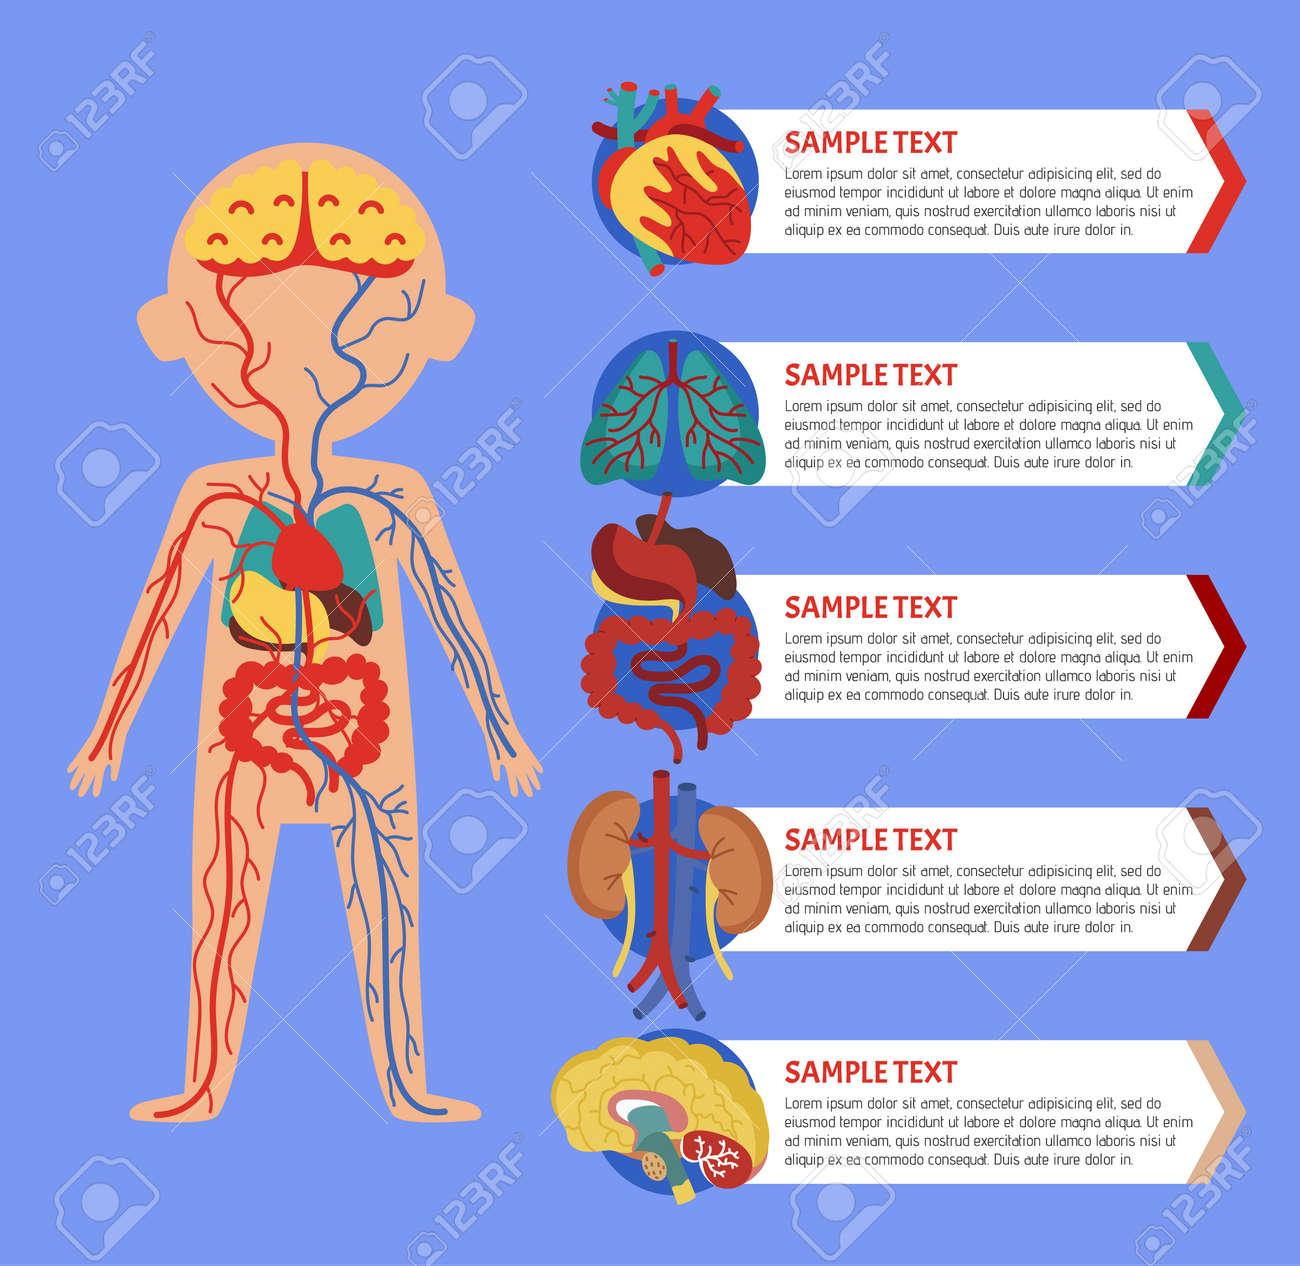 Cartel Médico De Salud Con Anatomía Del Cuerpo Humano. Ilustración ...